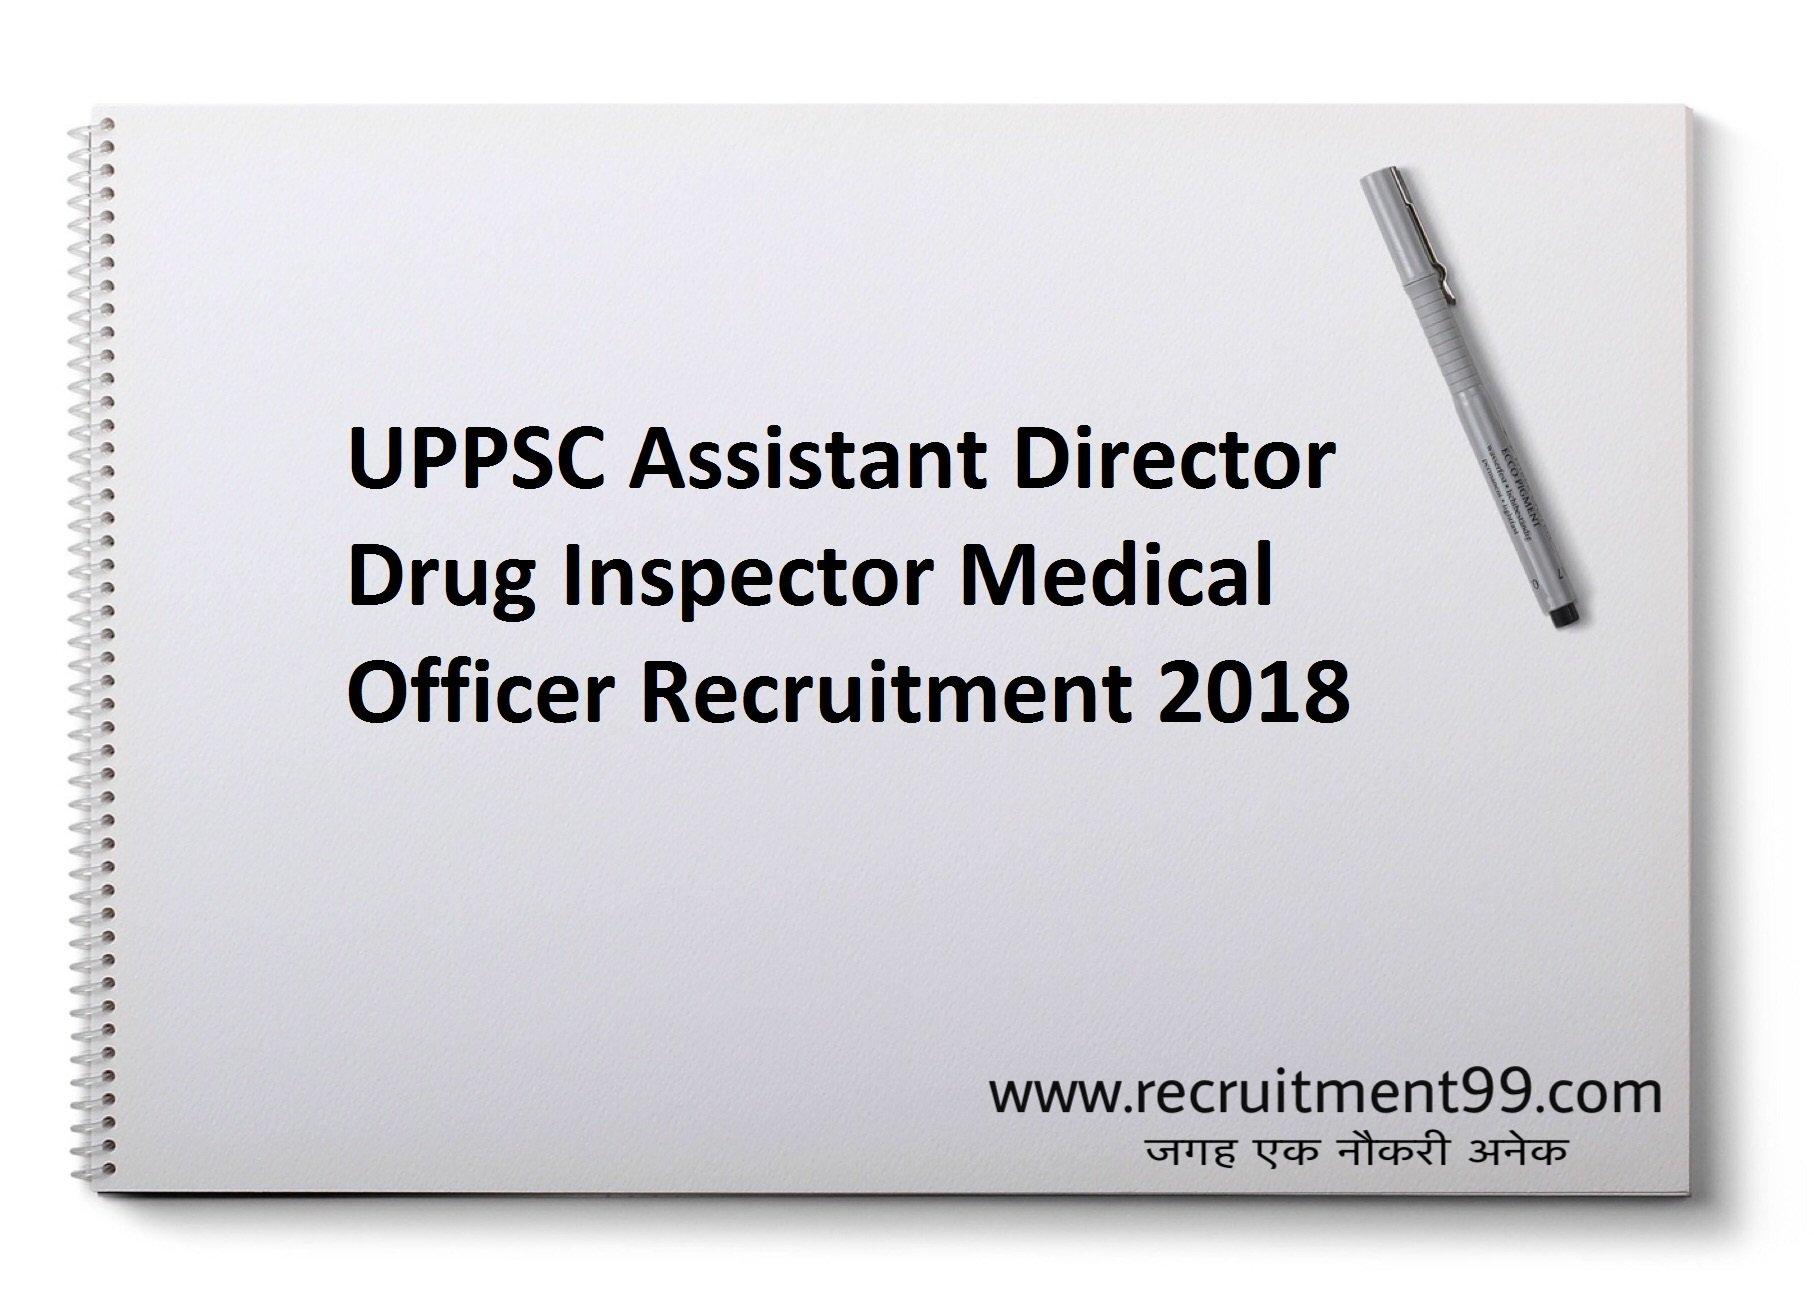 UPPSC Assistant Director Drug Inspector Medical Officer Recruitment Admit Card Result 2018